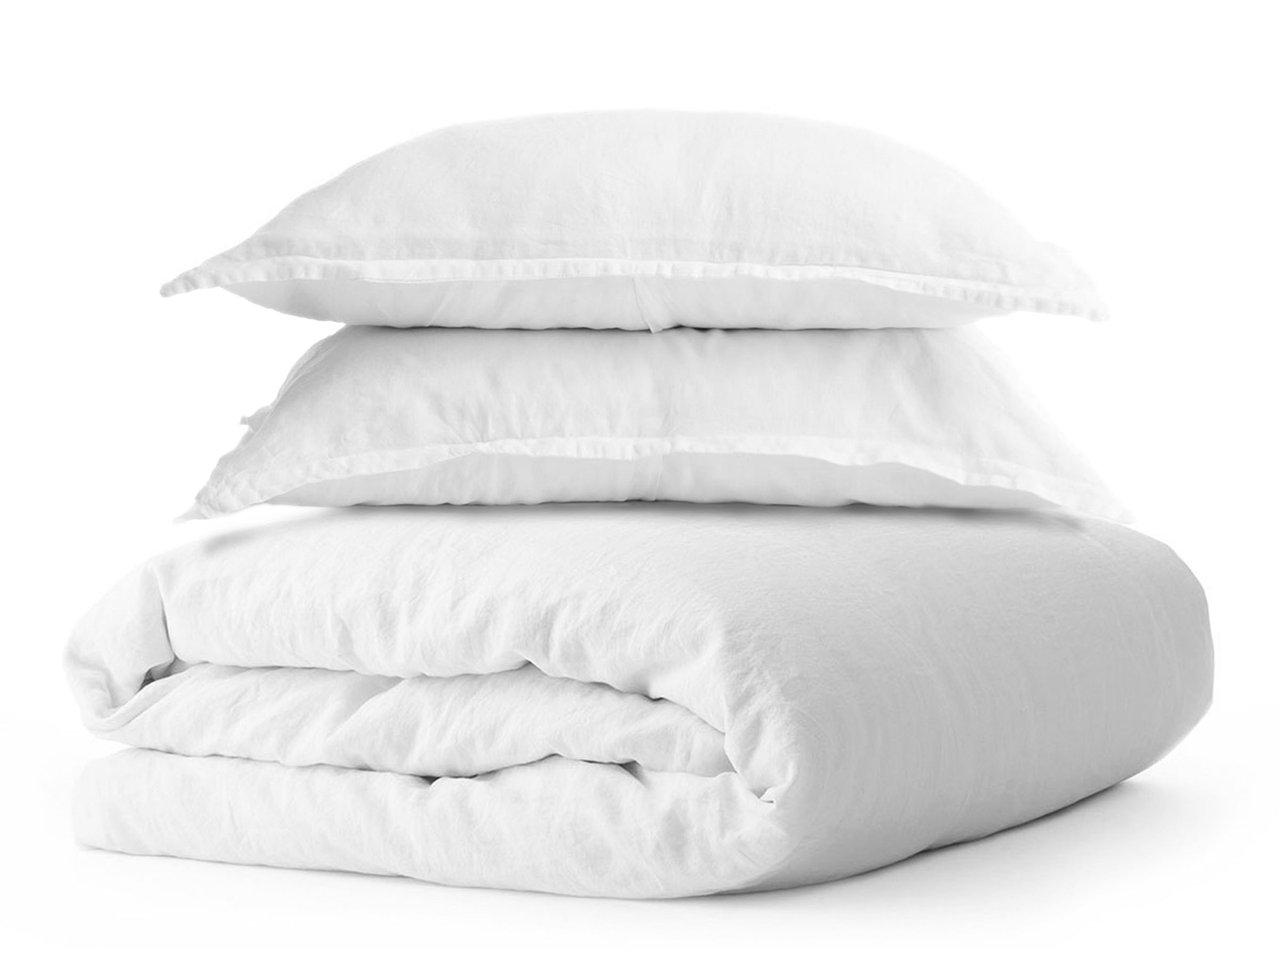 linen-duvet-cover-set-white-lp-000_1280x.jpg